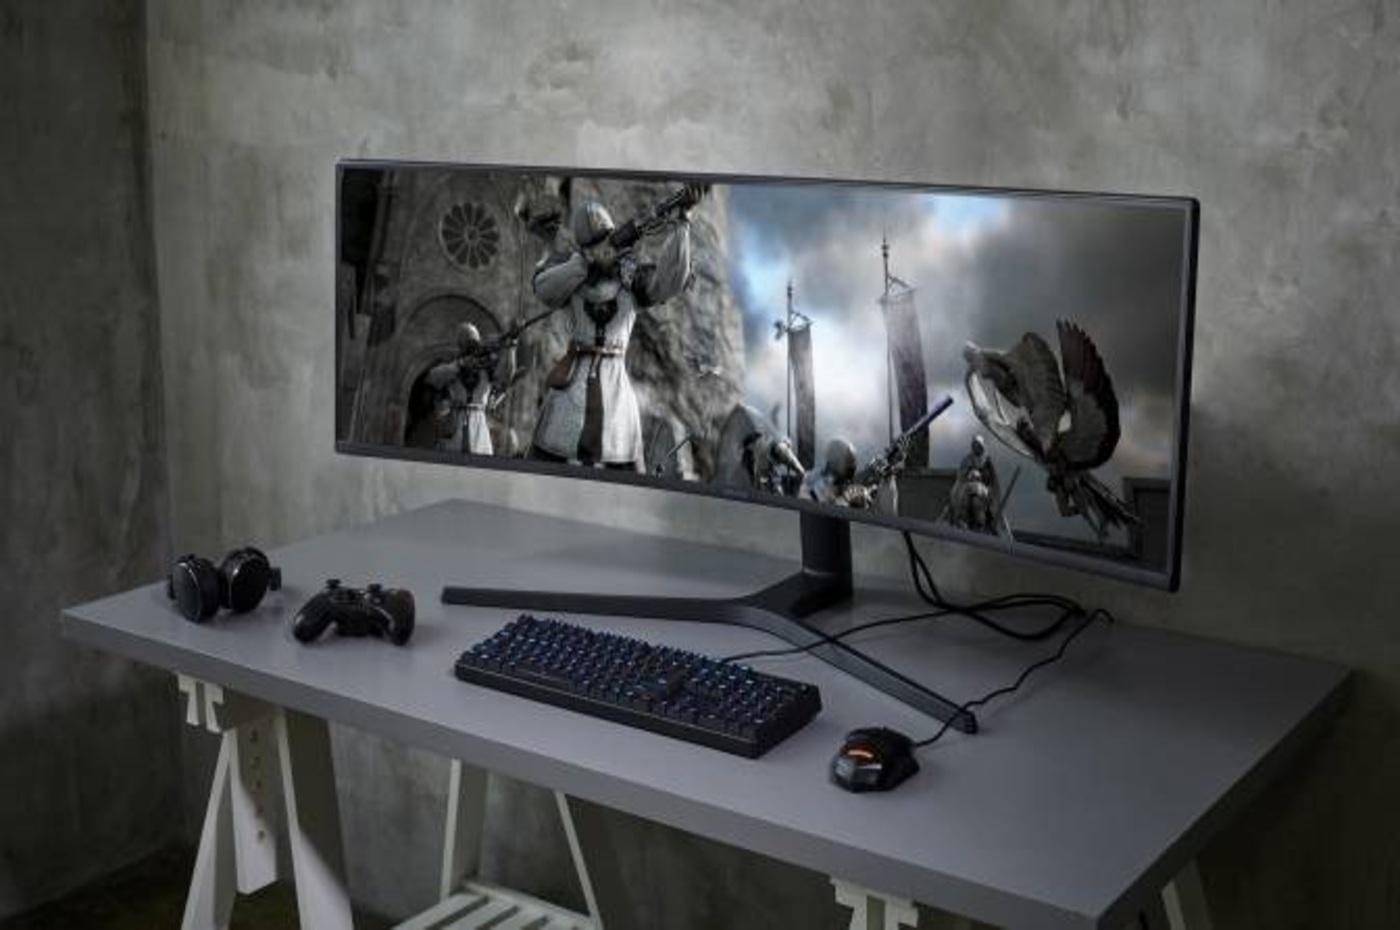 CES 2019 : Samsung dévoile son écran de 49 pouces pour gamers